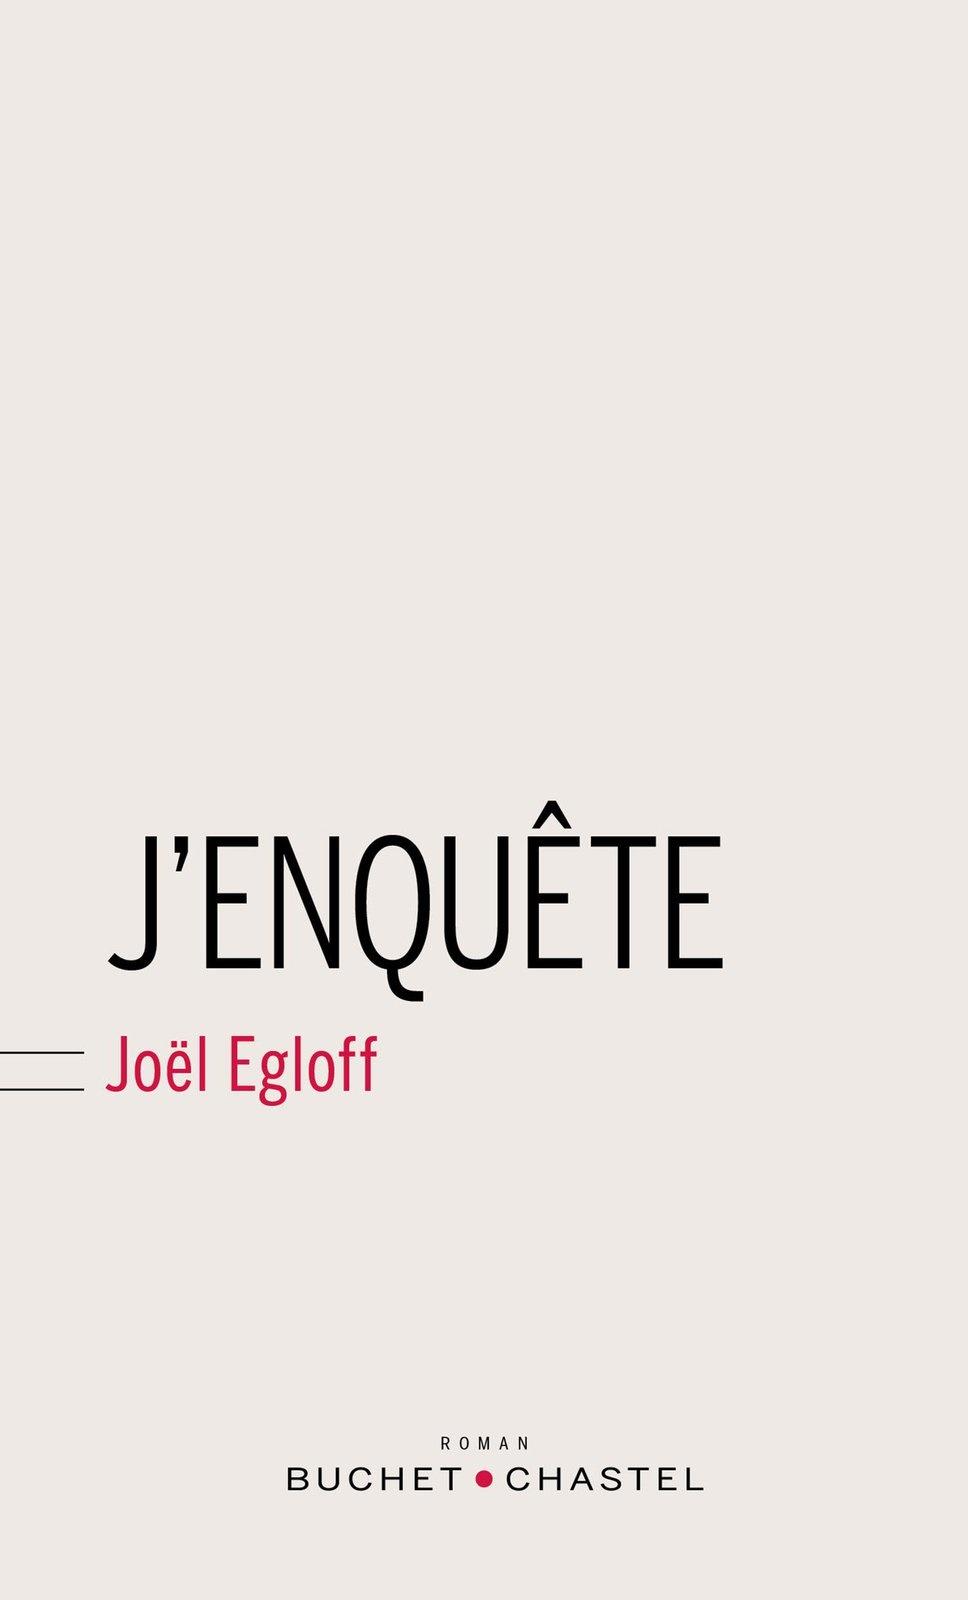 ob_a9835a_ectac-livre-j-enquete-de-joel-egloff-r